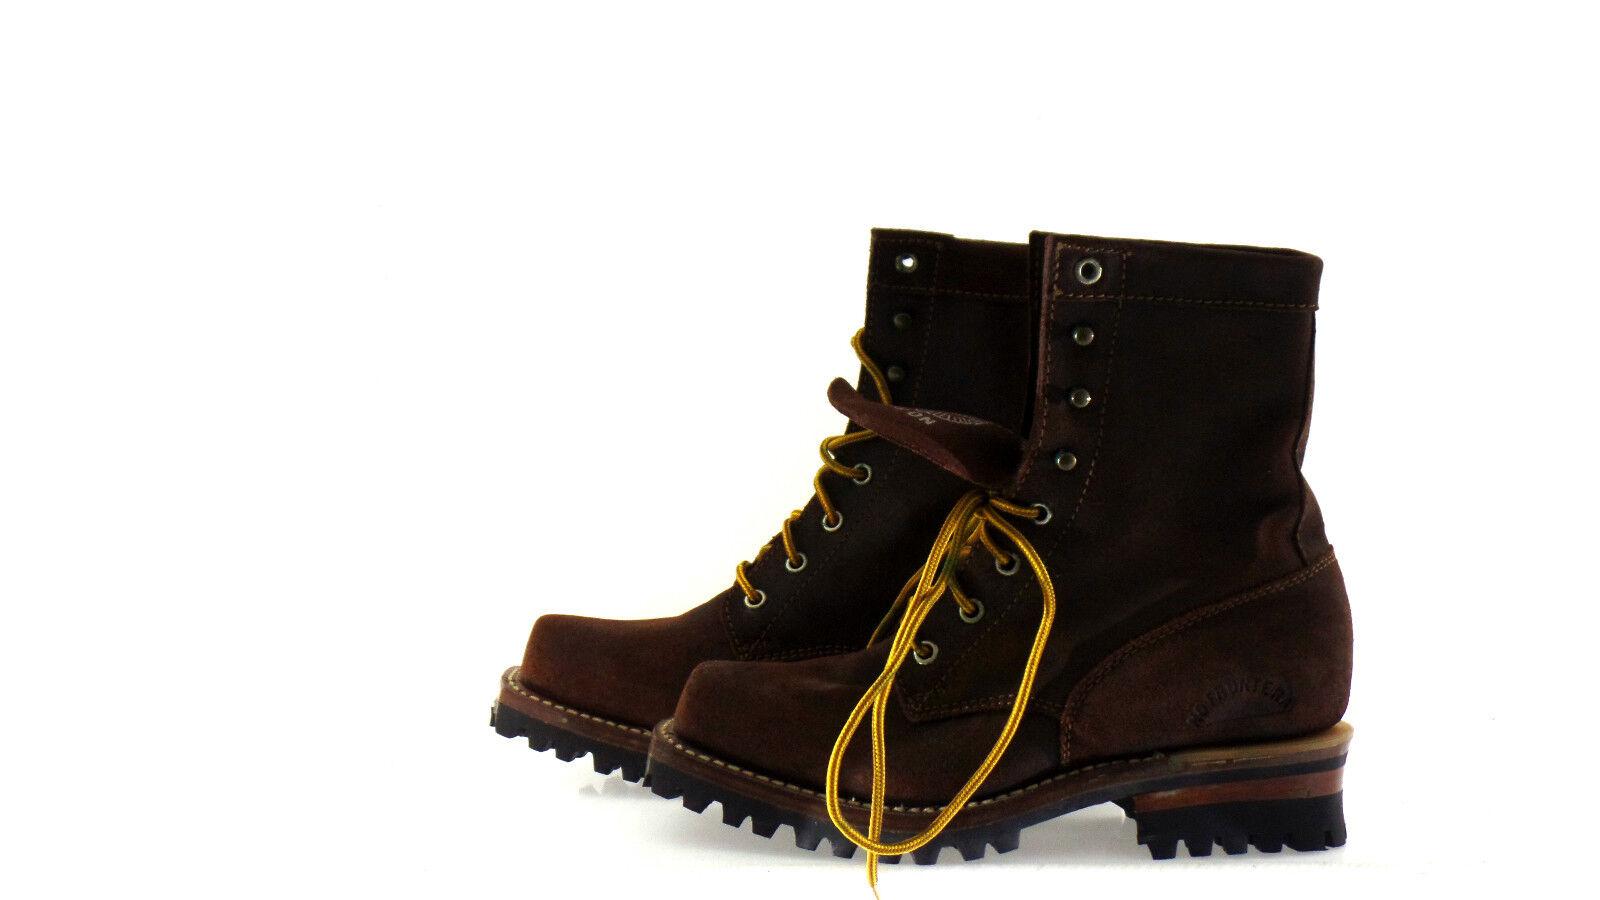 Westernbotasette laborales vaquero bota 41 marrón marrón marrón con cordones méxico nuevo...  artículos novedosos